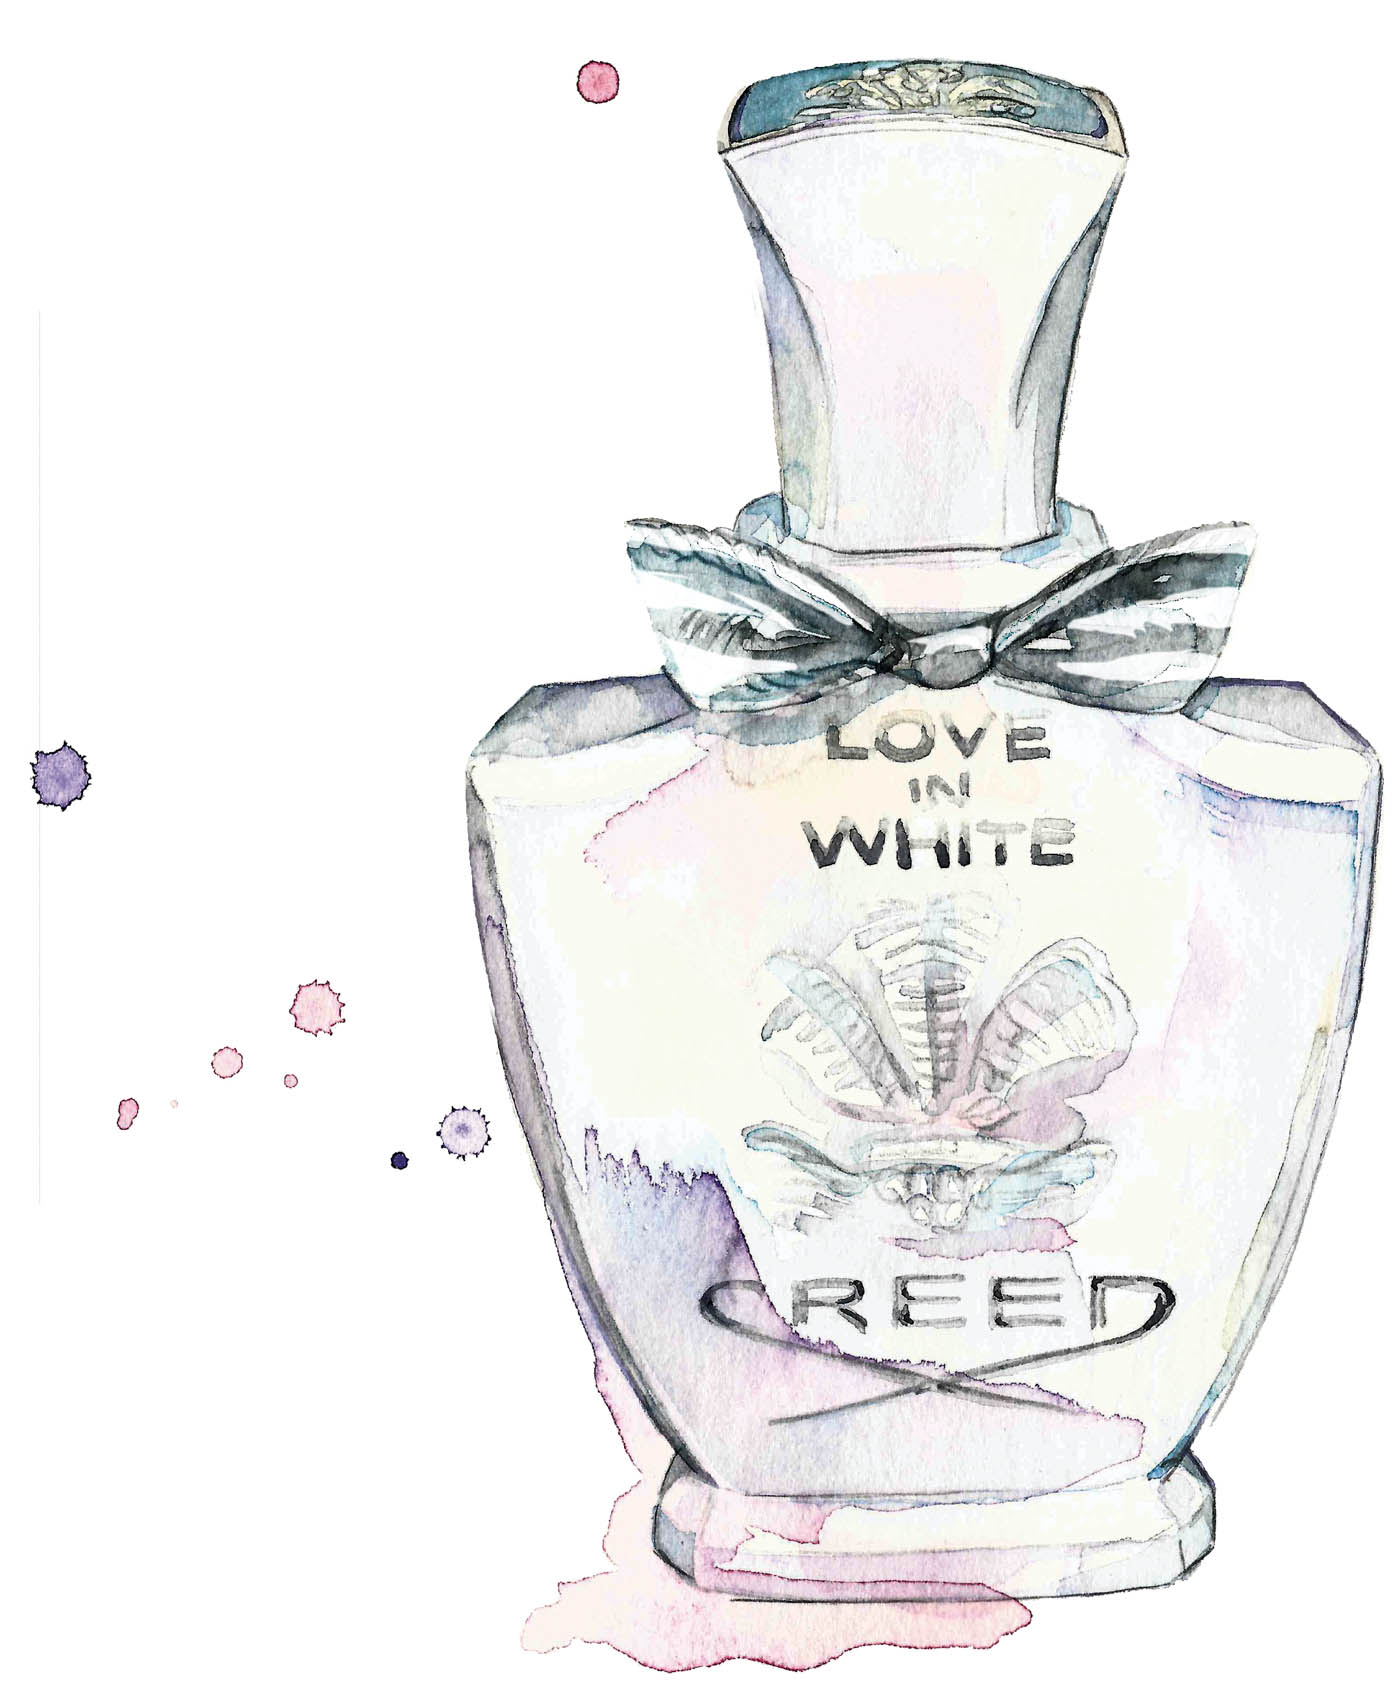 P Creed